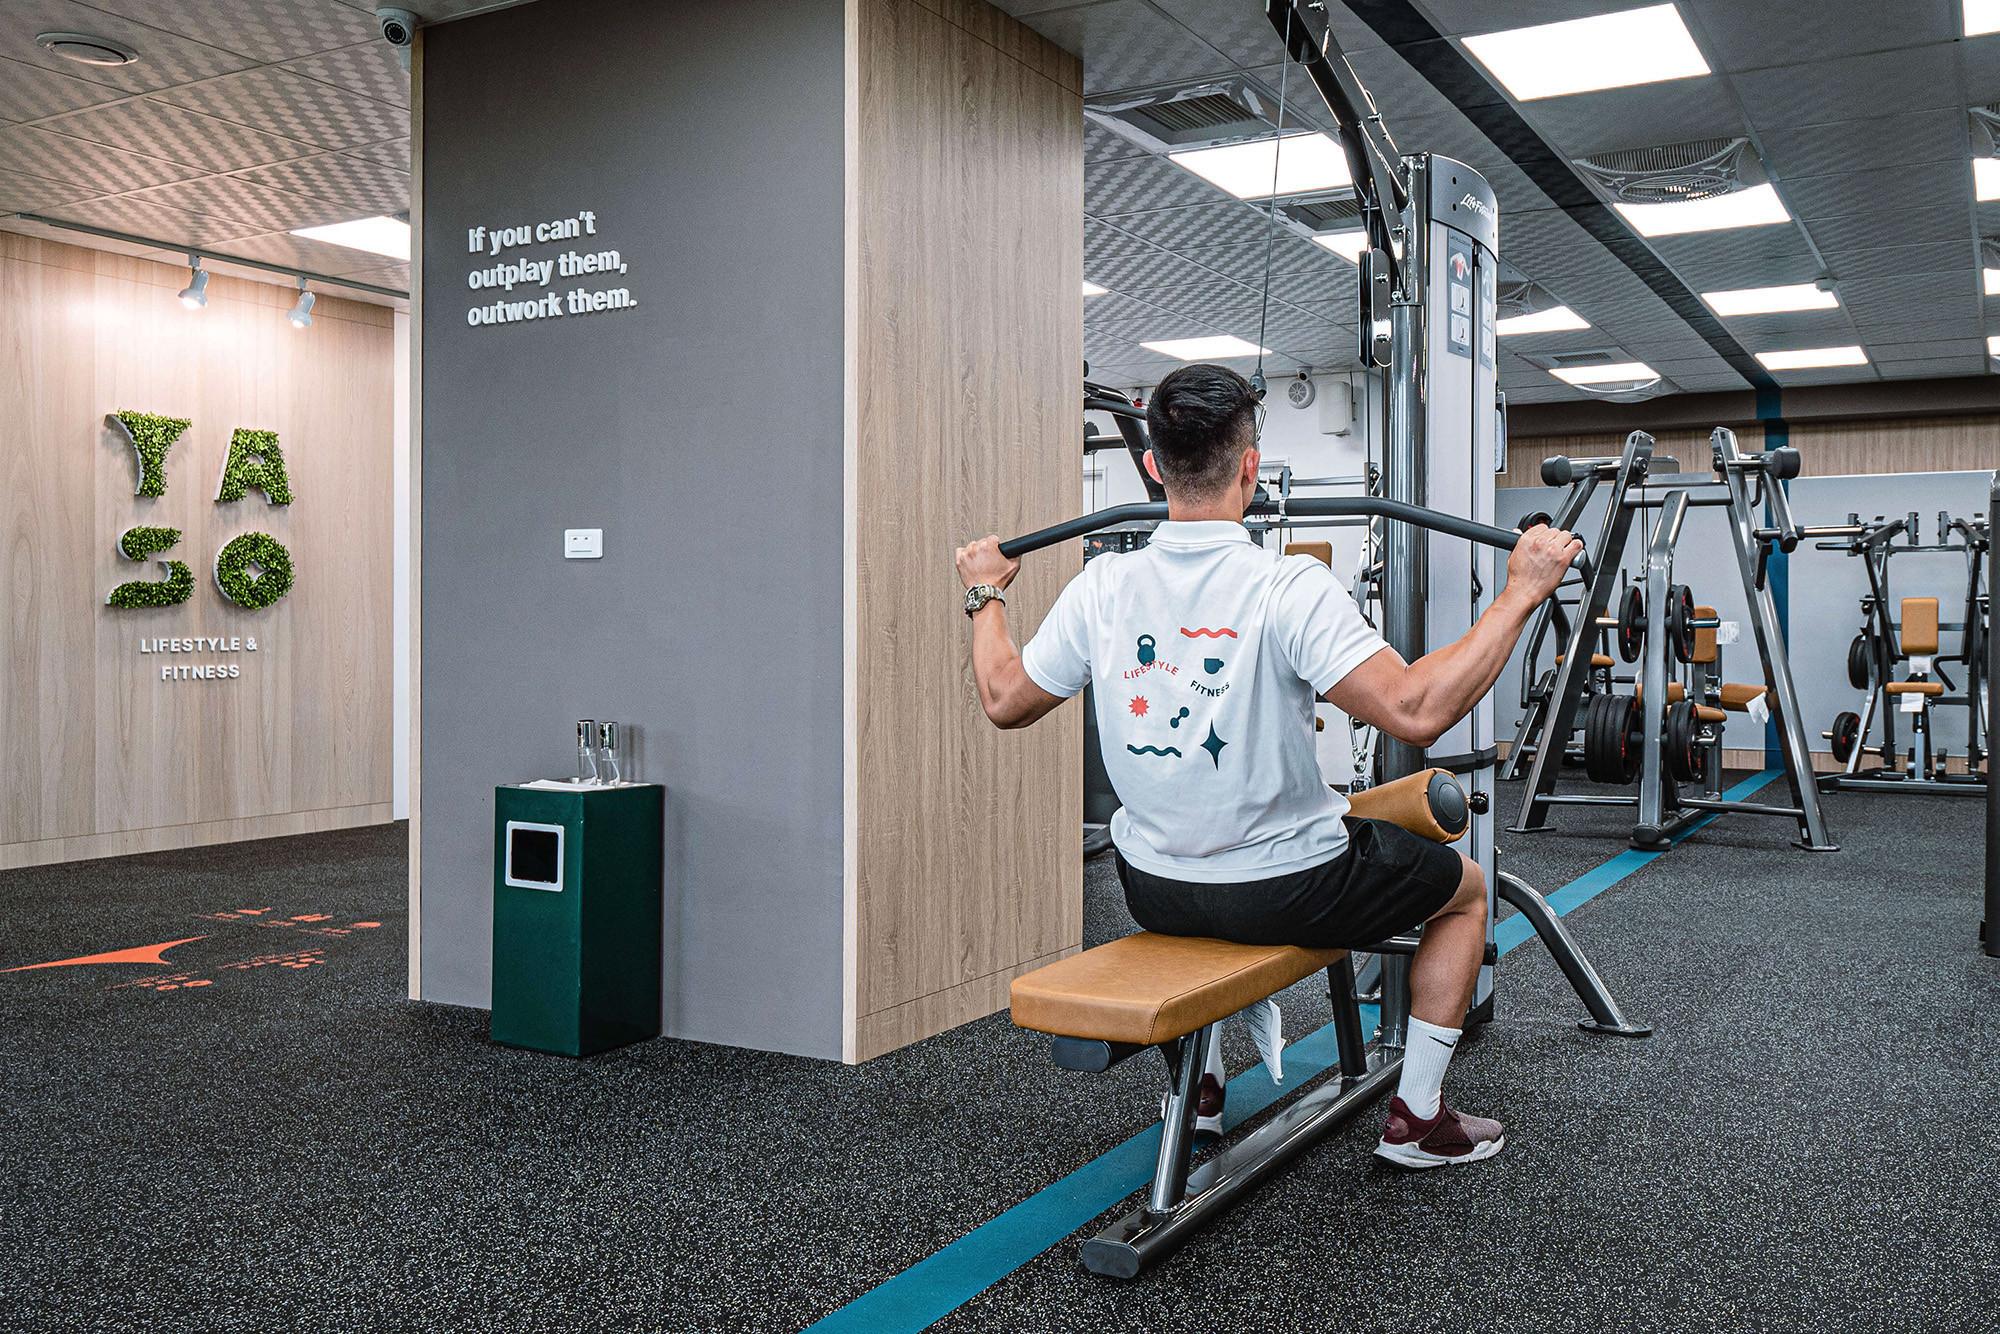 嘉義健身房室內空間設計-健身環境|塔索肌力與體能訓練中心